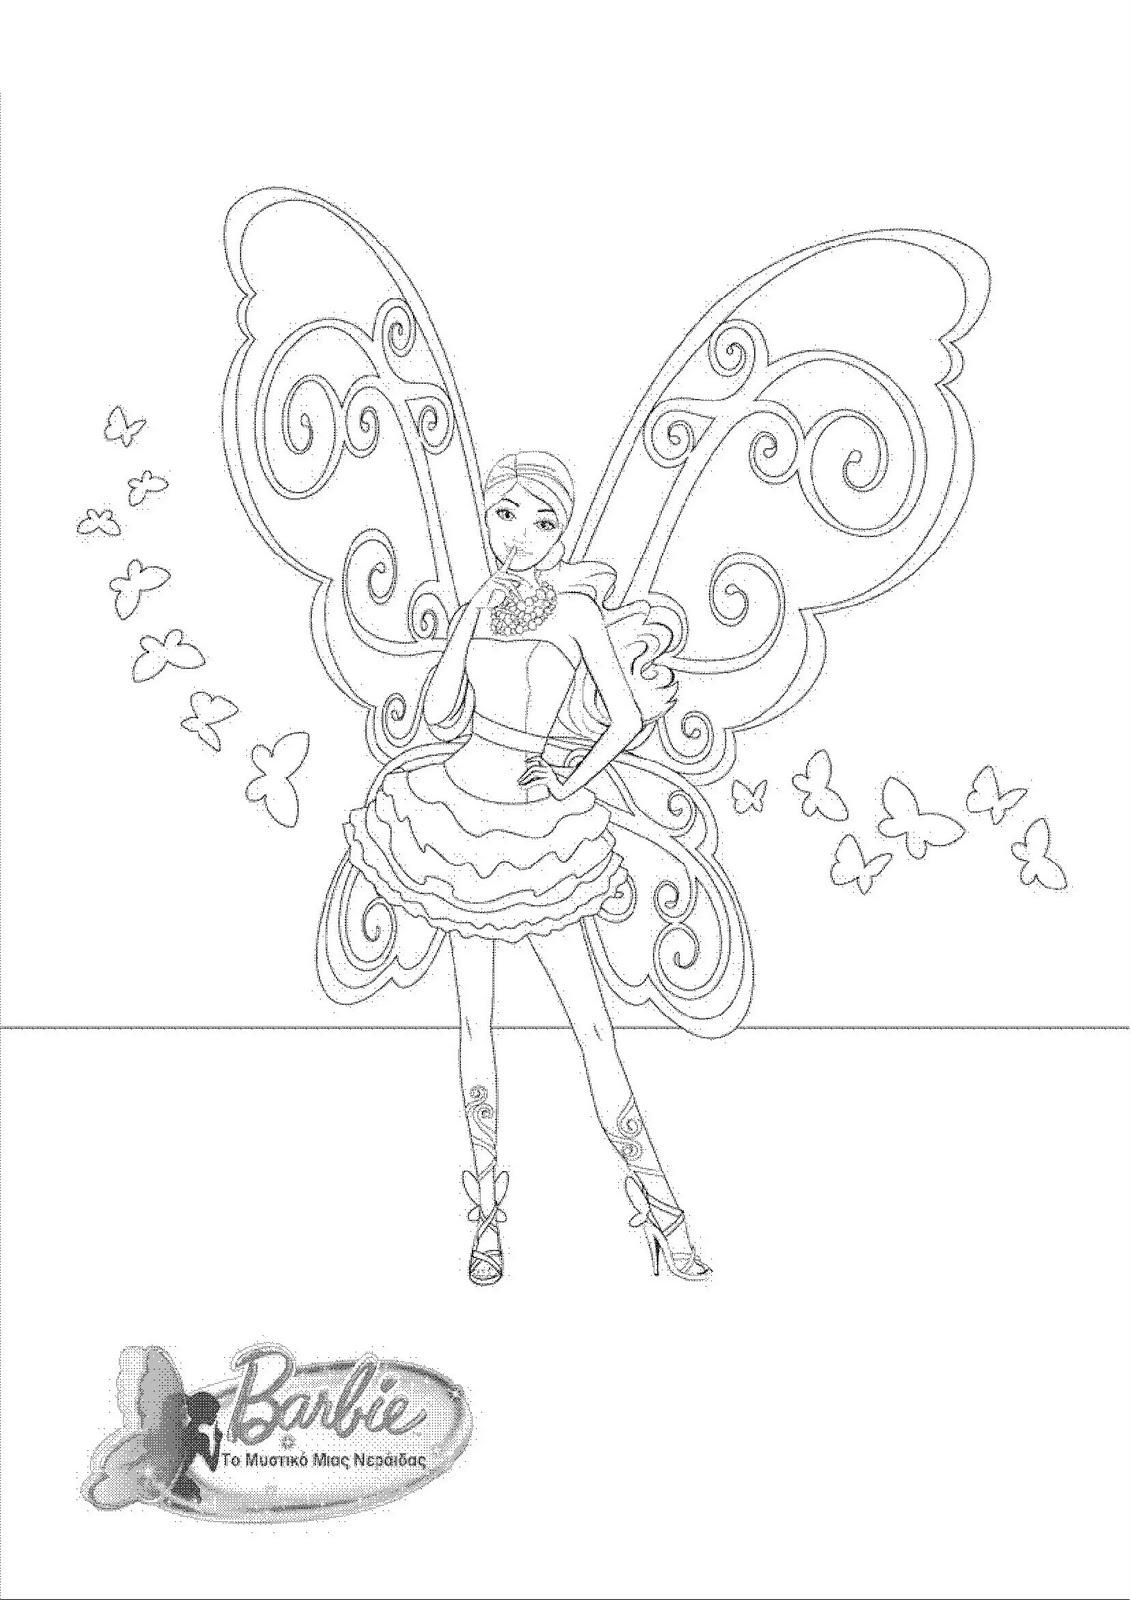 Pintar De Dibujos Munecas Barbie Colorear Para Aq35rl4j